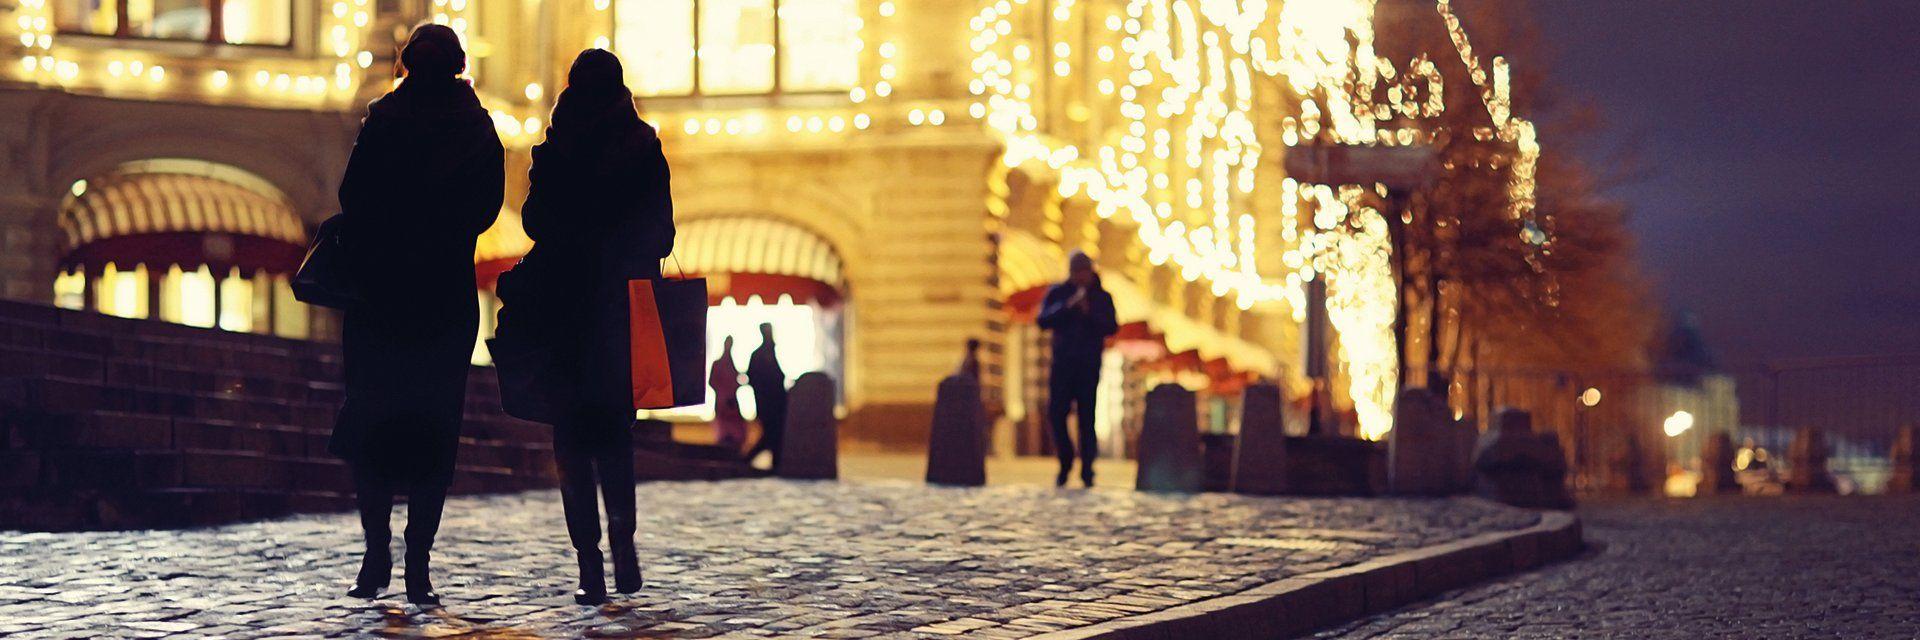 Les marchés de Noël de New York